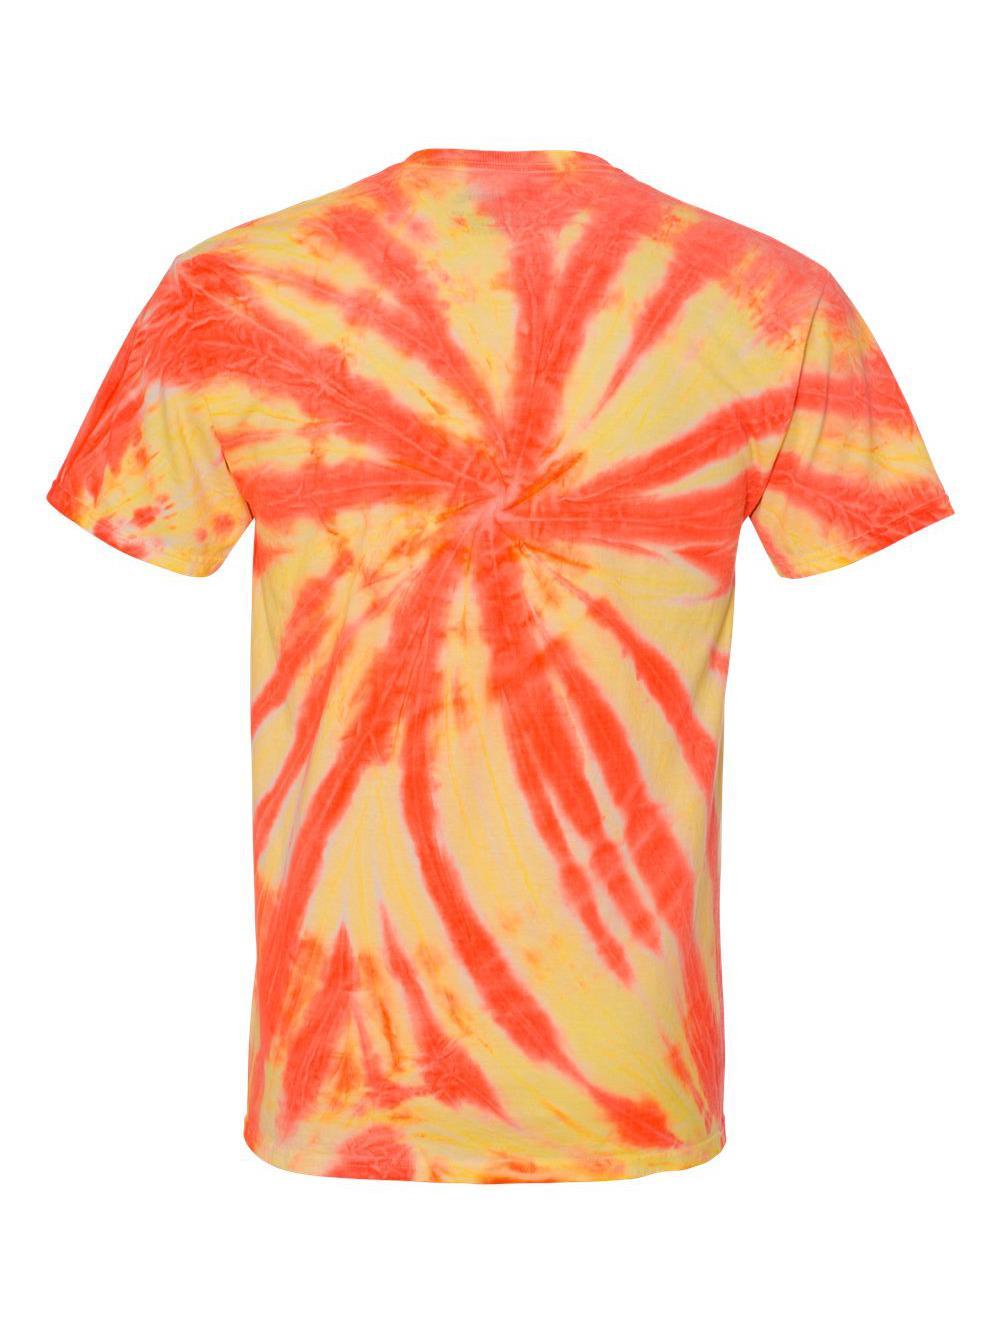 Dyenomite-Glow-in-the-Dark-T-Shirt-200GW thumbnail 4